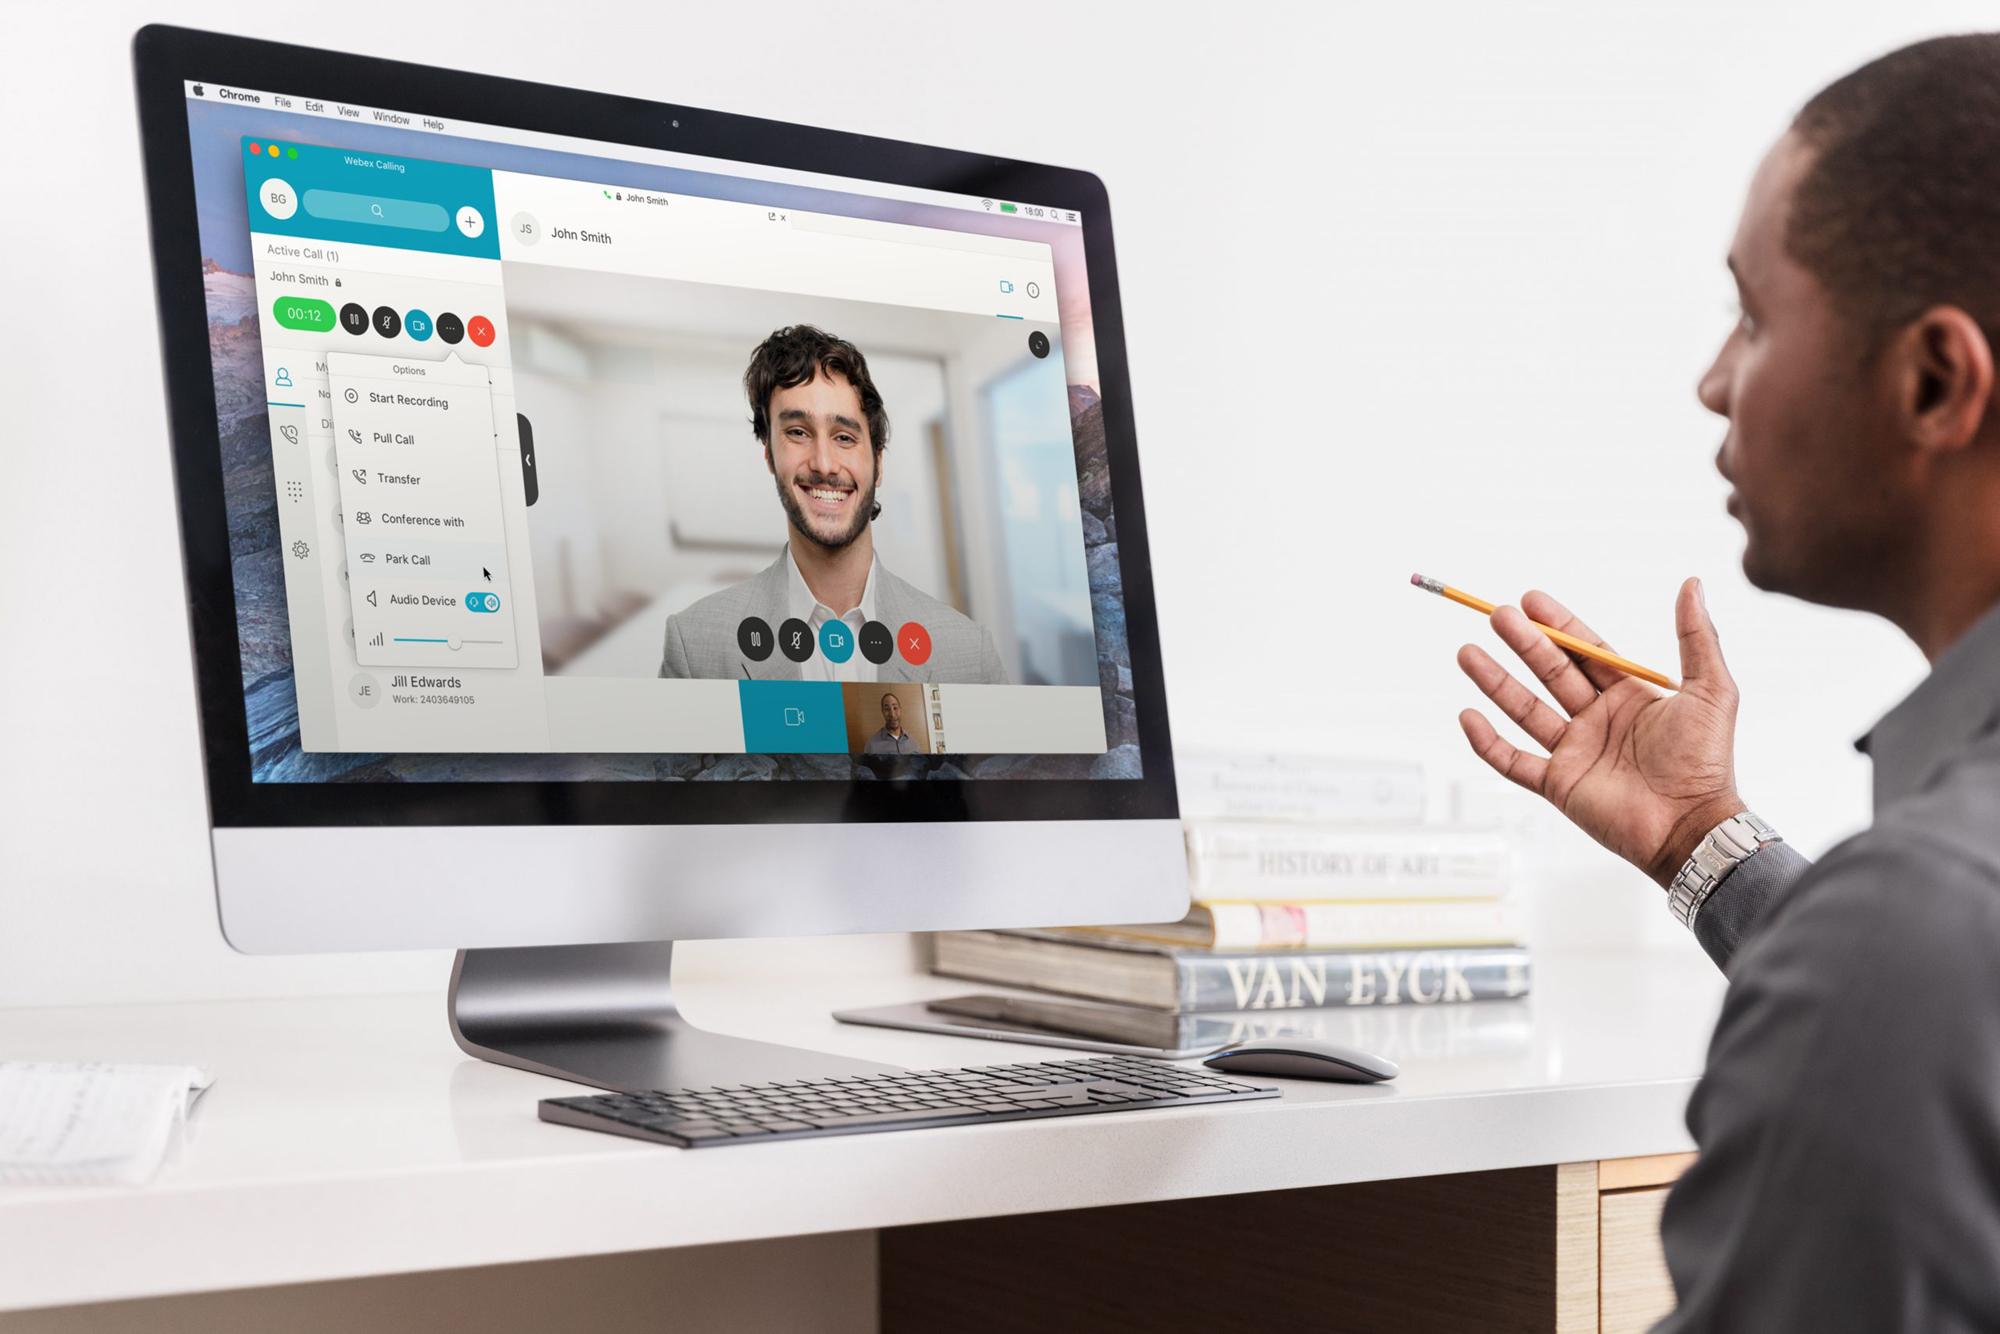 Bình chọn nền tảng họp - học trực tuyến yêu thích nhất